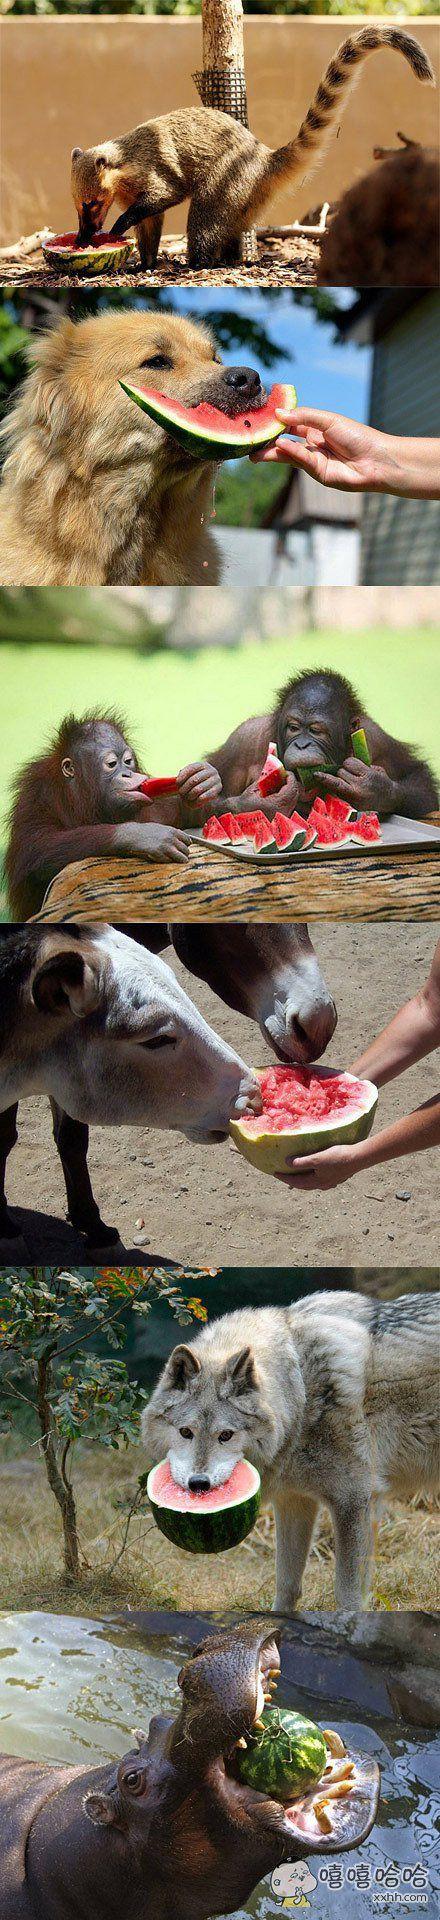 吃水果的时间到了